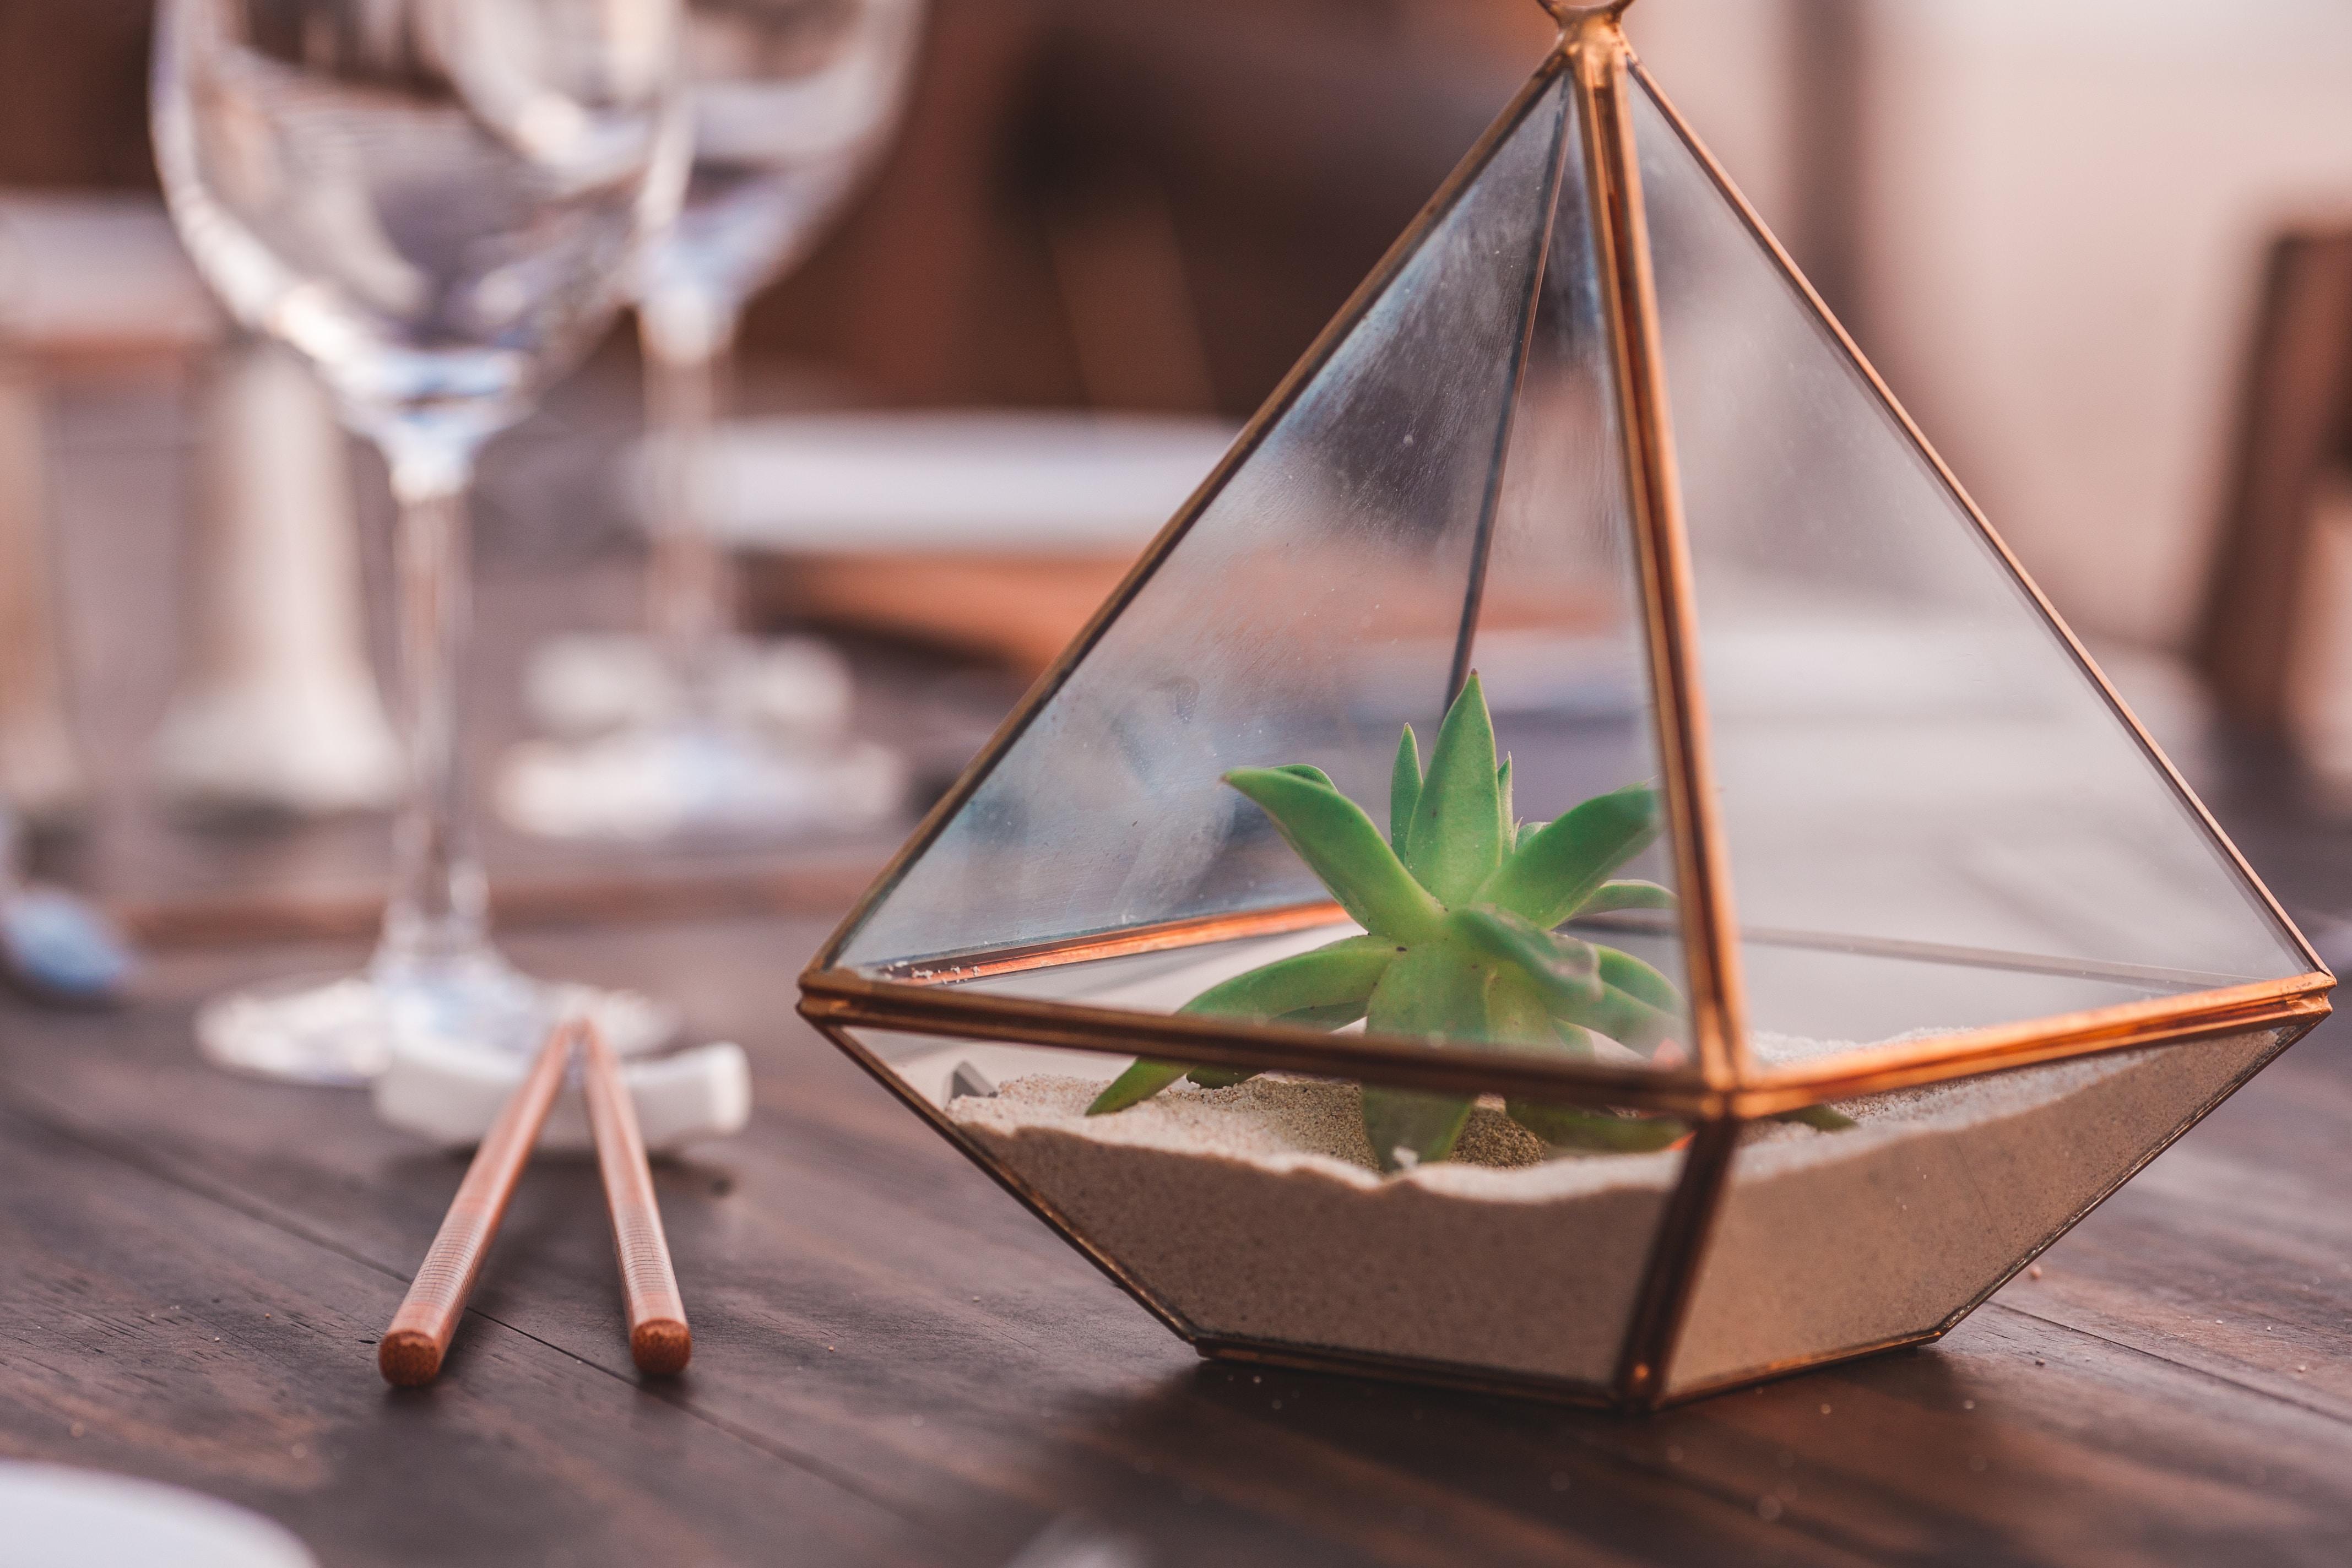 Pilih wadah terarium berbahan kaca atau plastik bening agar cahaya bisa masuk ke dalamnya. (Foto: Unsplash)